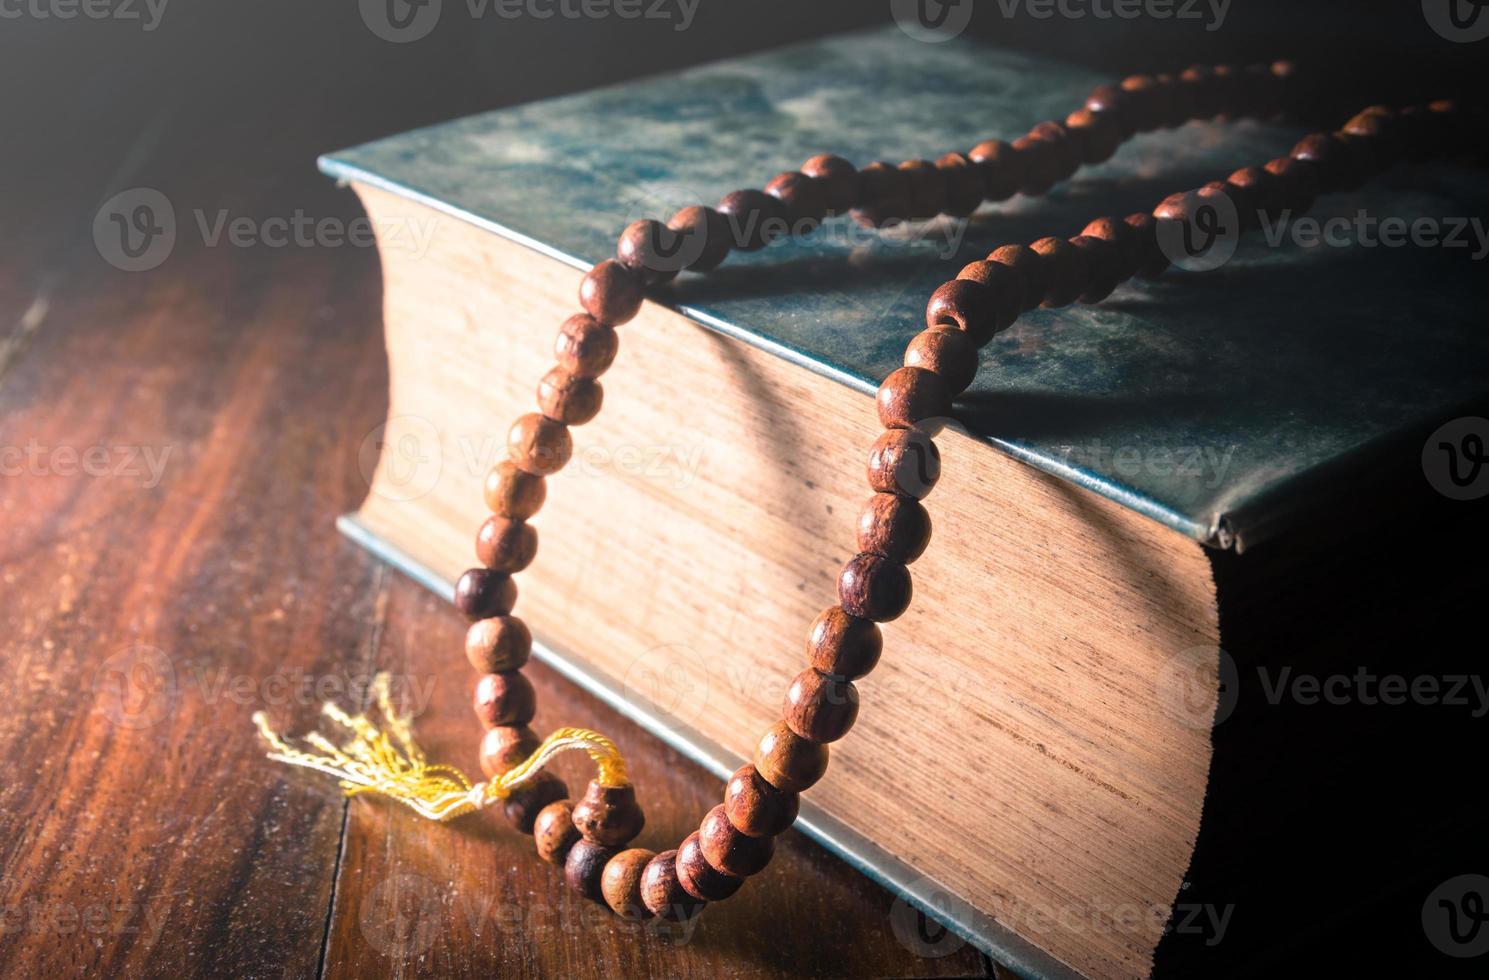 vintage gefilterd van ketting op boek, religie achtergrond. foto